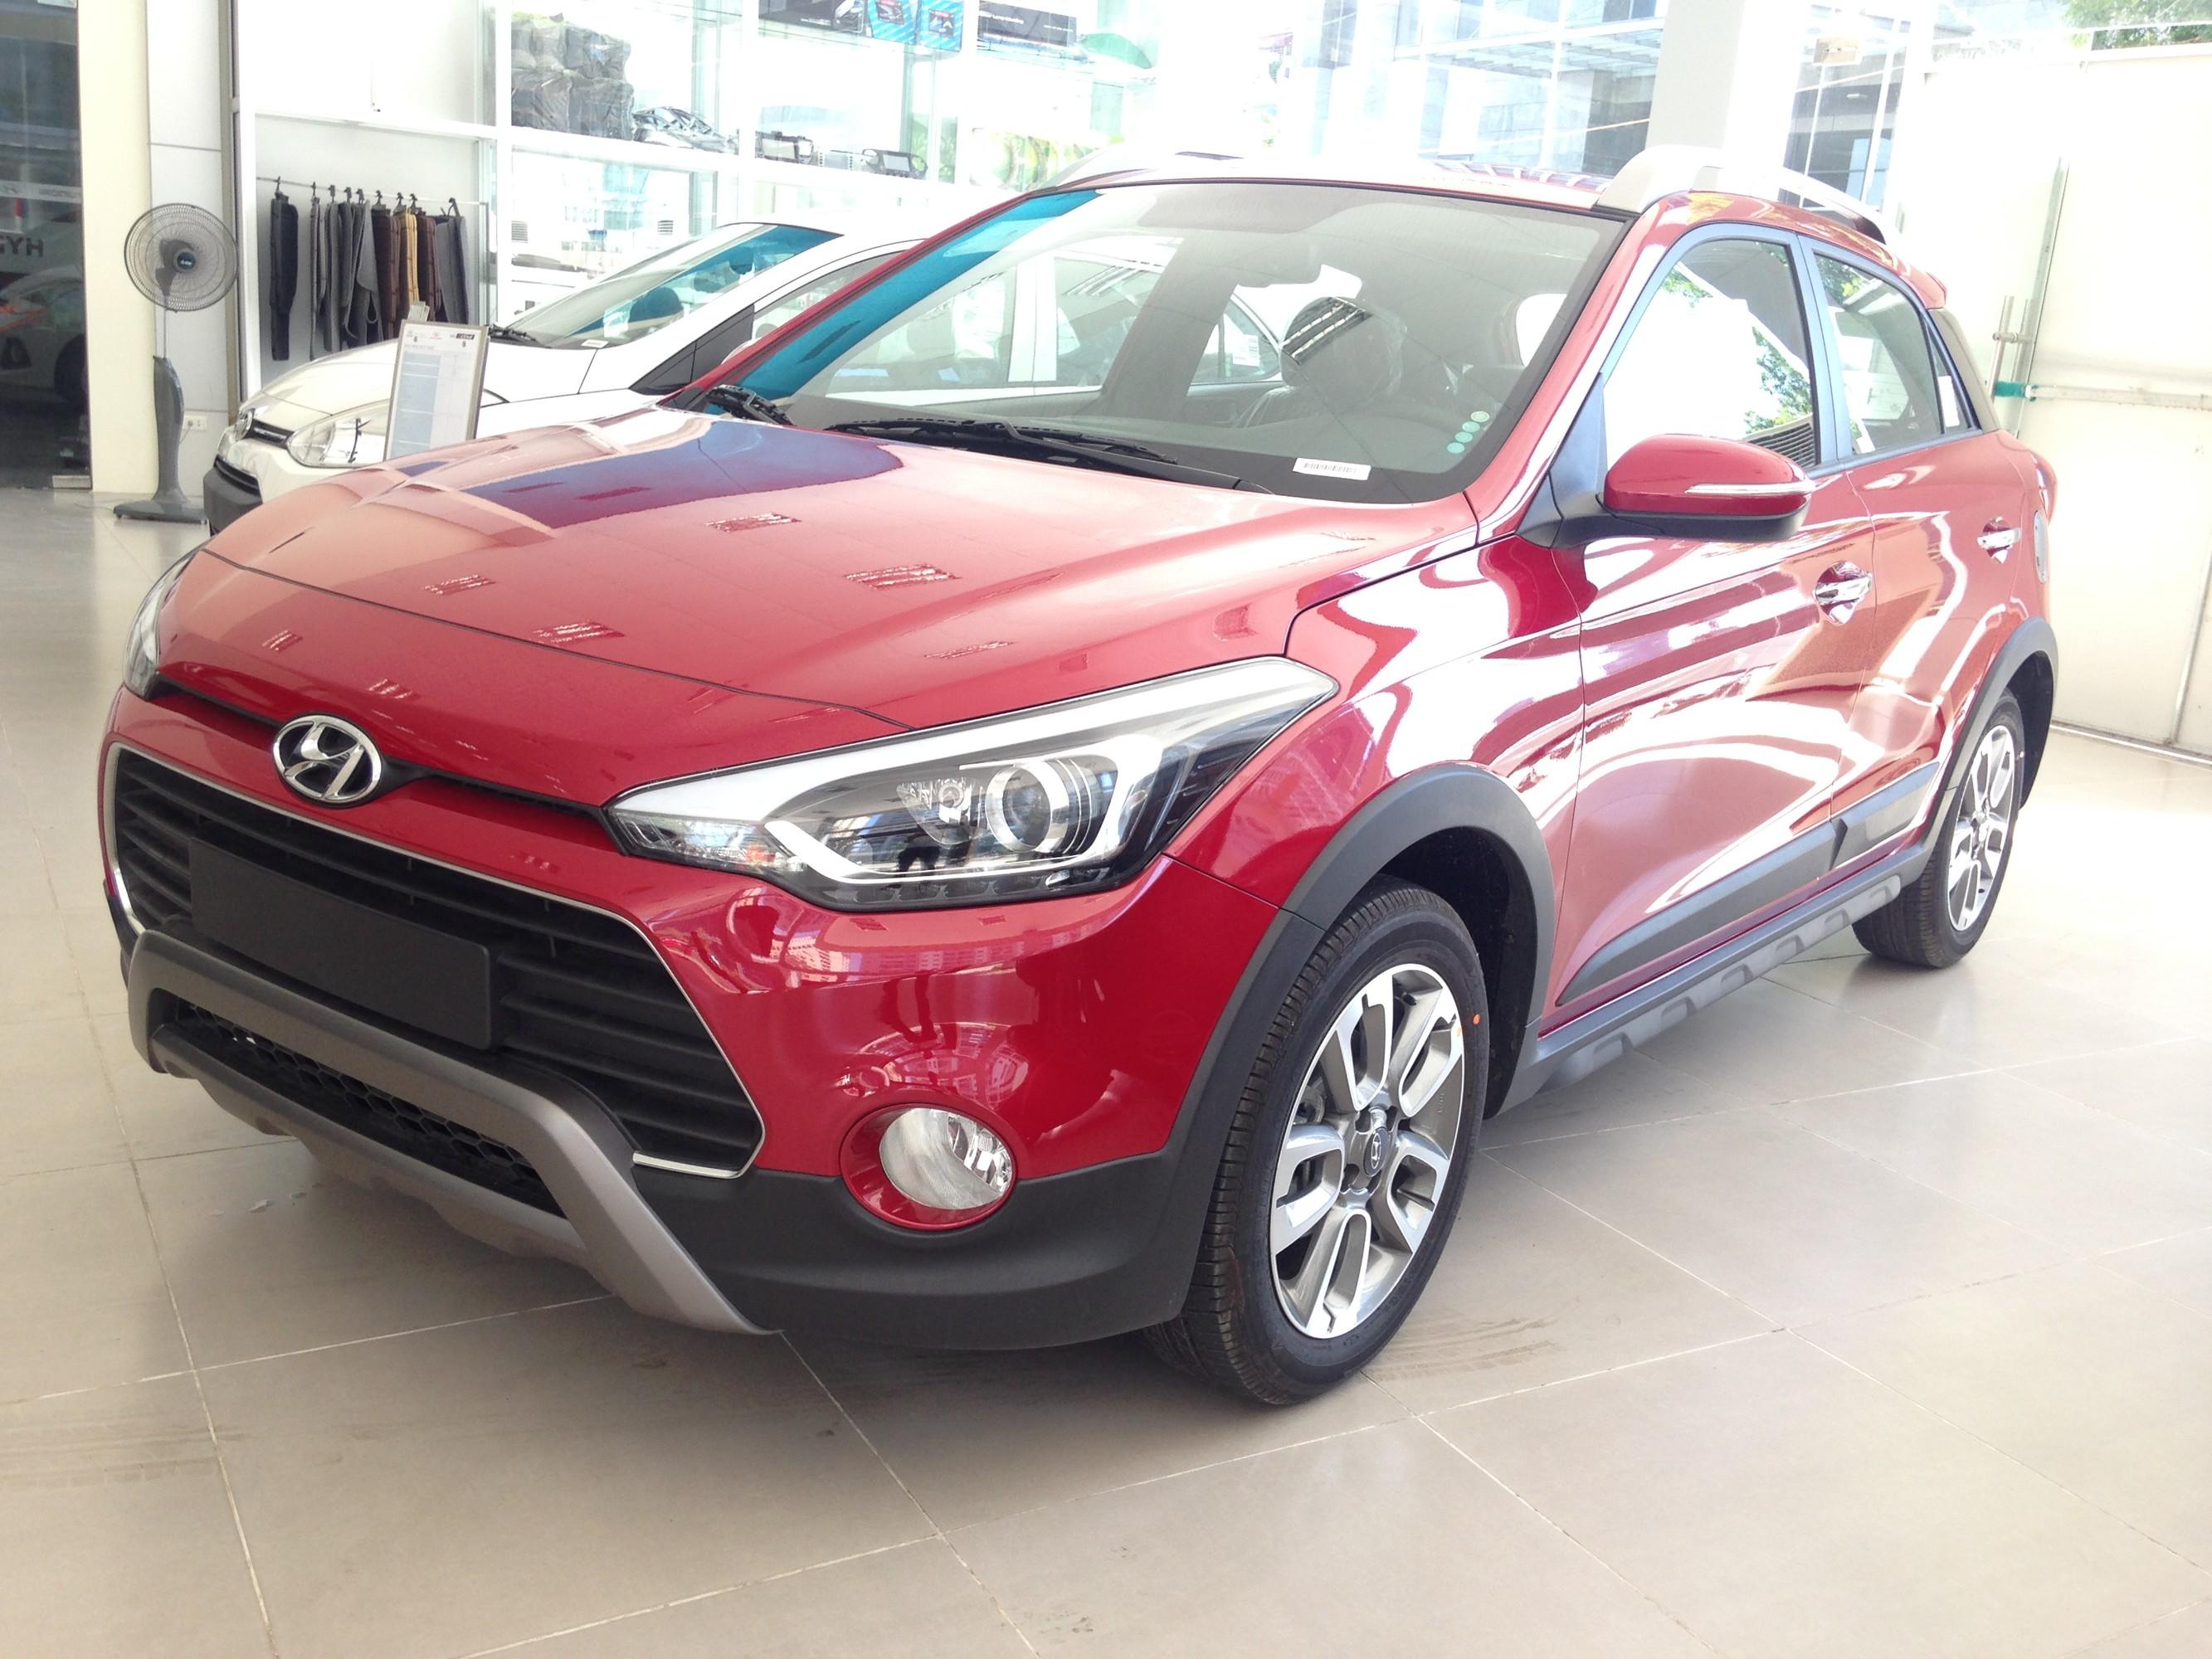 Hyundai Lê Văn Lương, Đại lý 3S tiêu chuẩn Hyundai Thành Công. Ảnh số 39113792